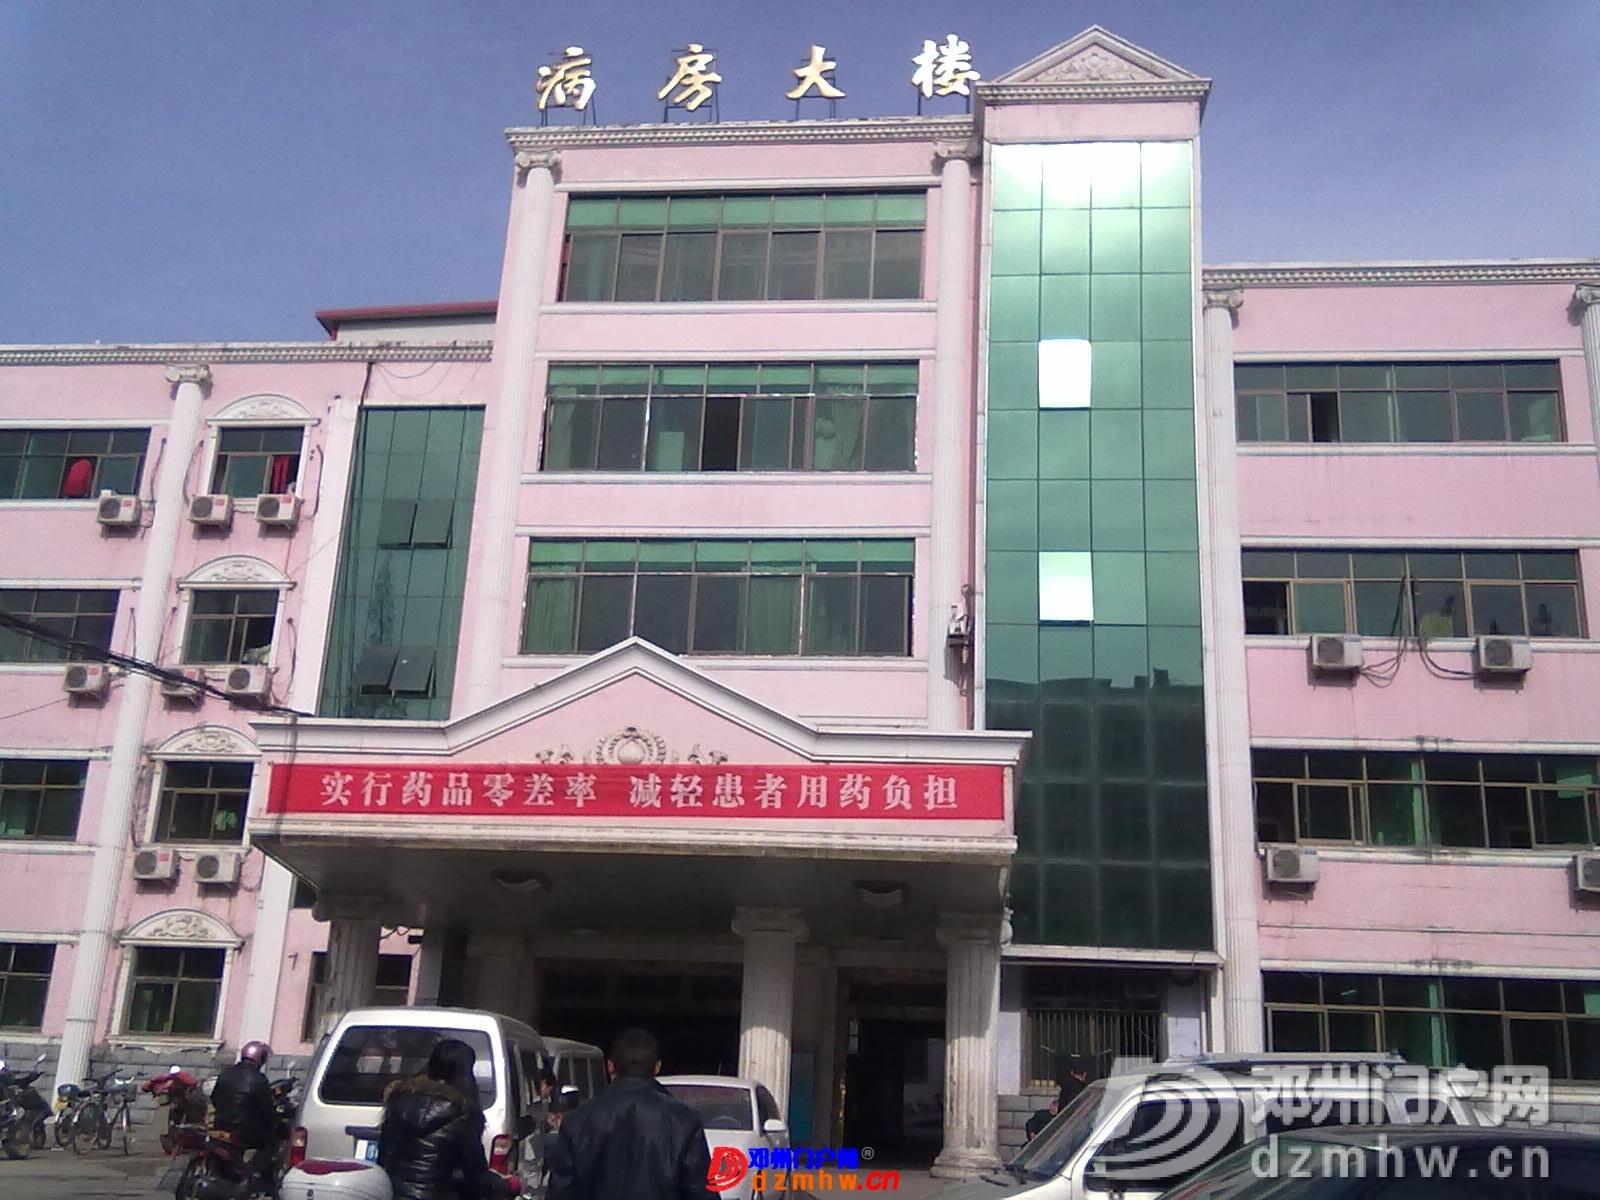 邓州市第一人民医院邓 州 市 中 心 医 院 - 邓州门户网|邓州网 - 1324569878421429-1354732390860655.jpg